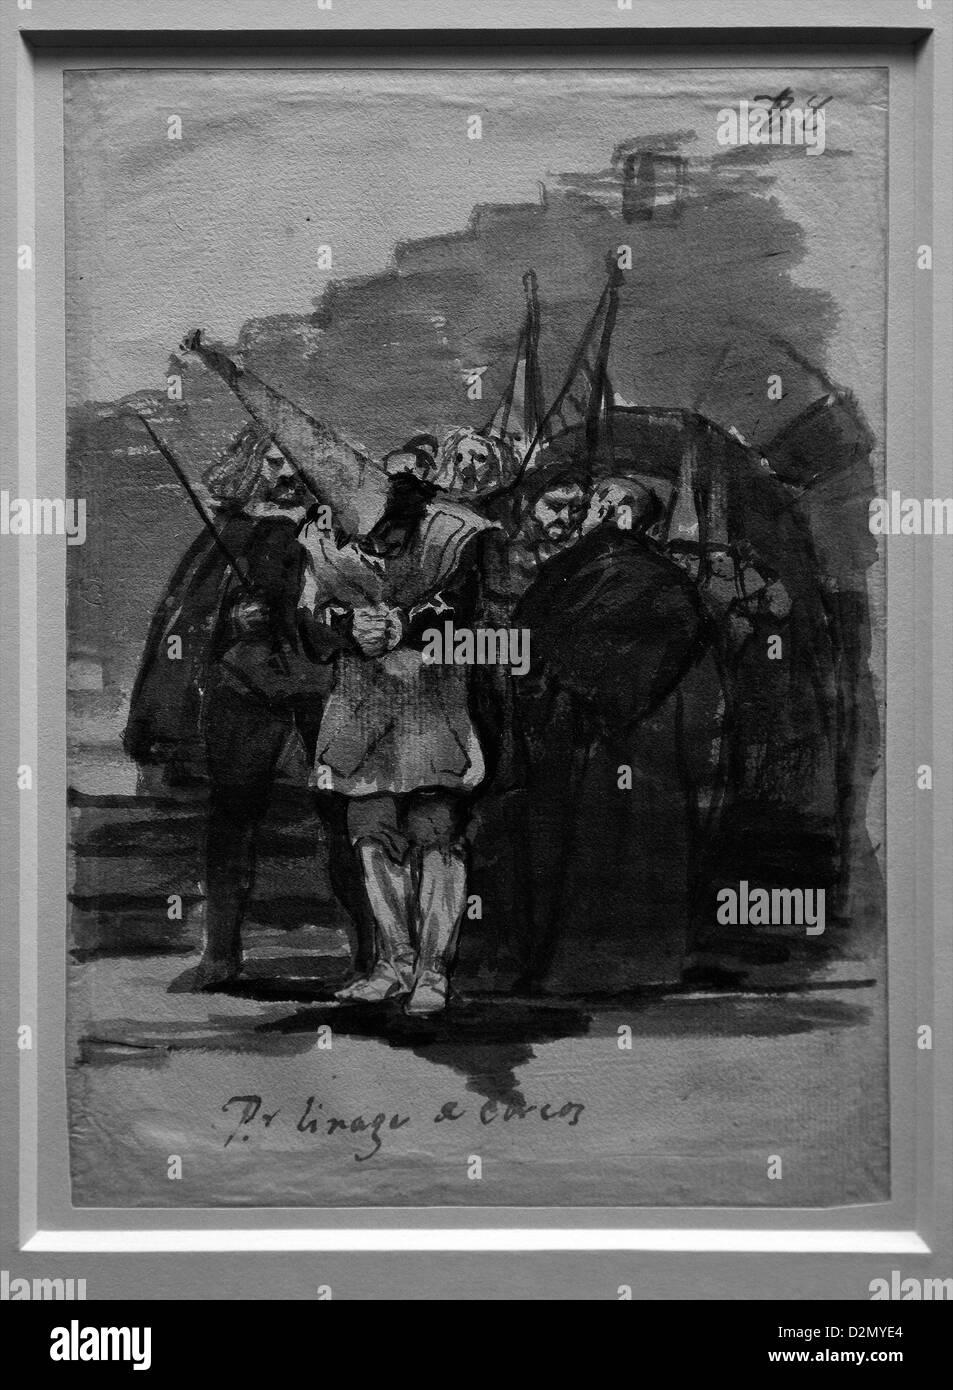 Für dass jüdischer Abstammung, von Francisco de Goya, Inquisition Album ca. 1808-14, British Museum, London, Stockbild